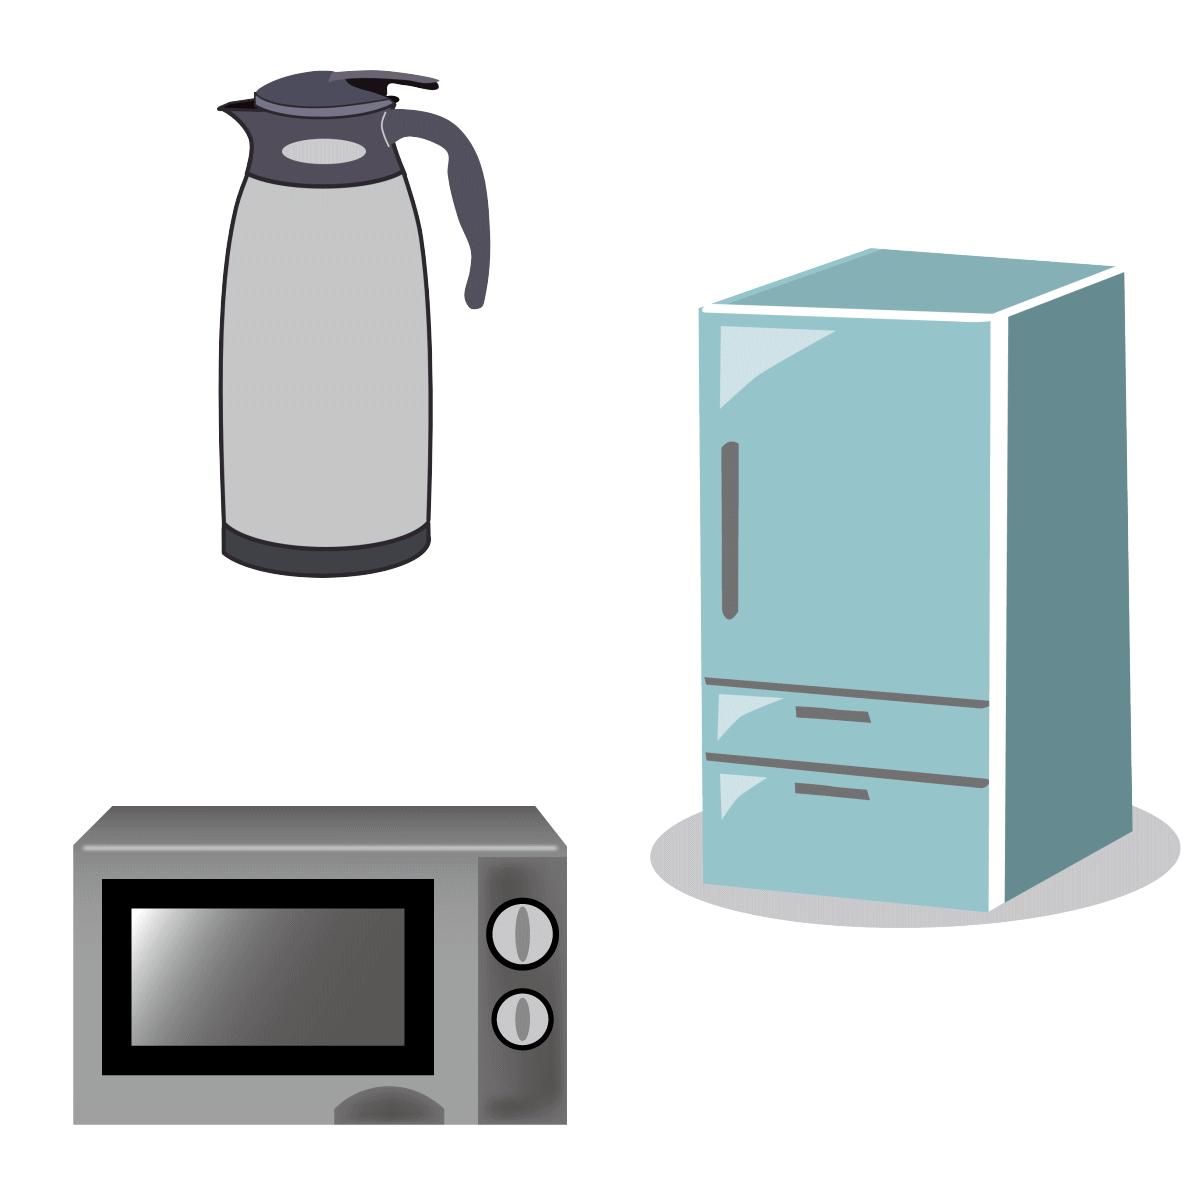 電子レンジ、冷蔵庫、ポットのイラスト